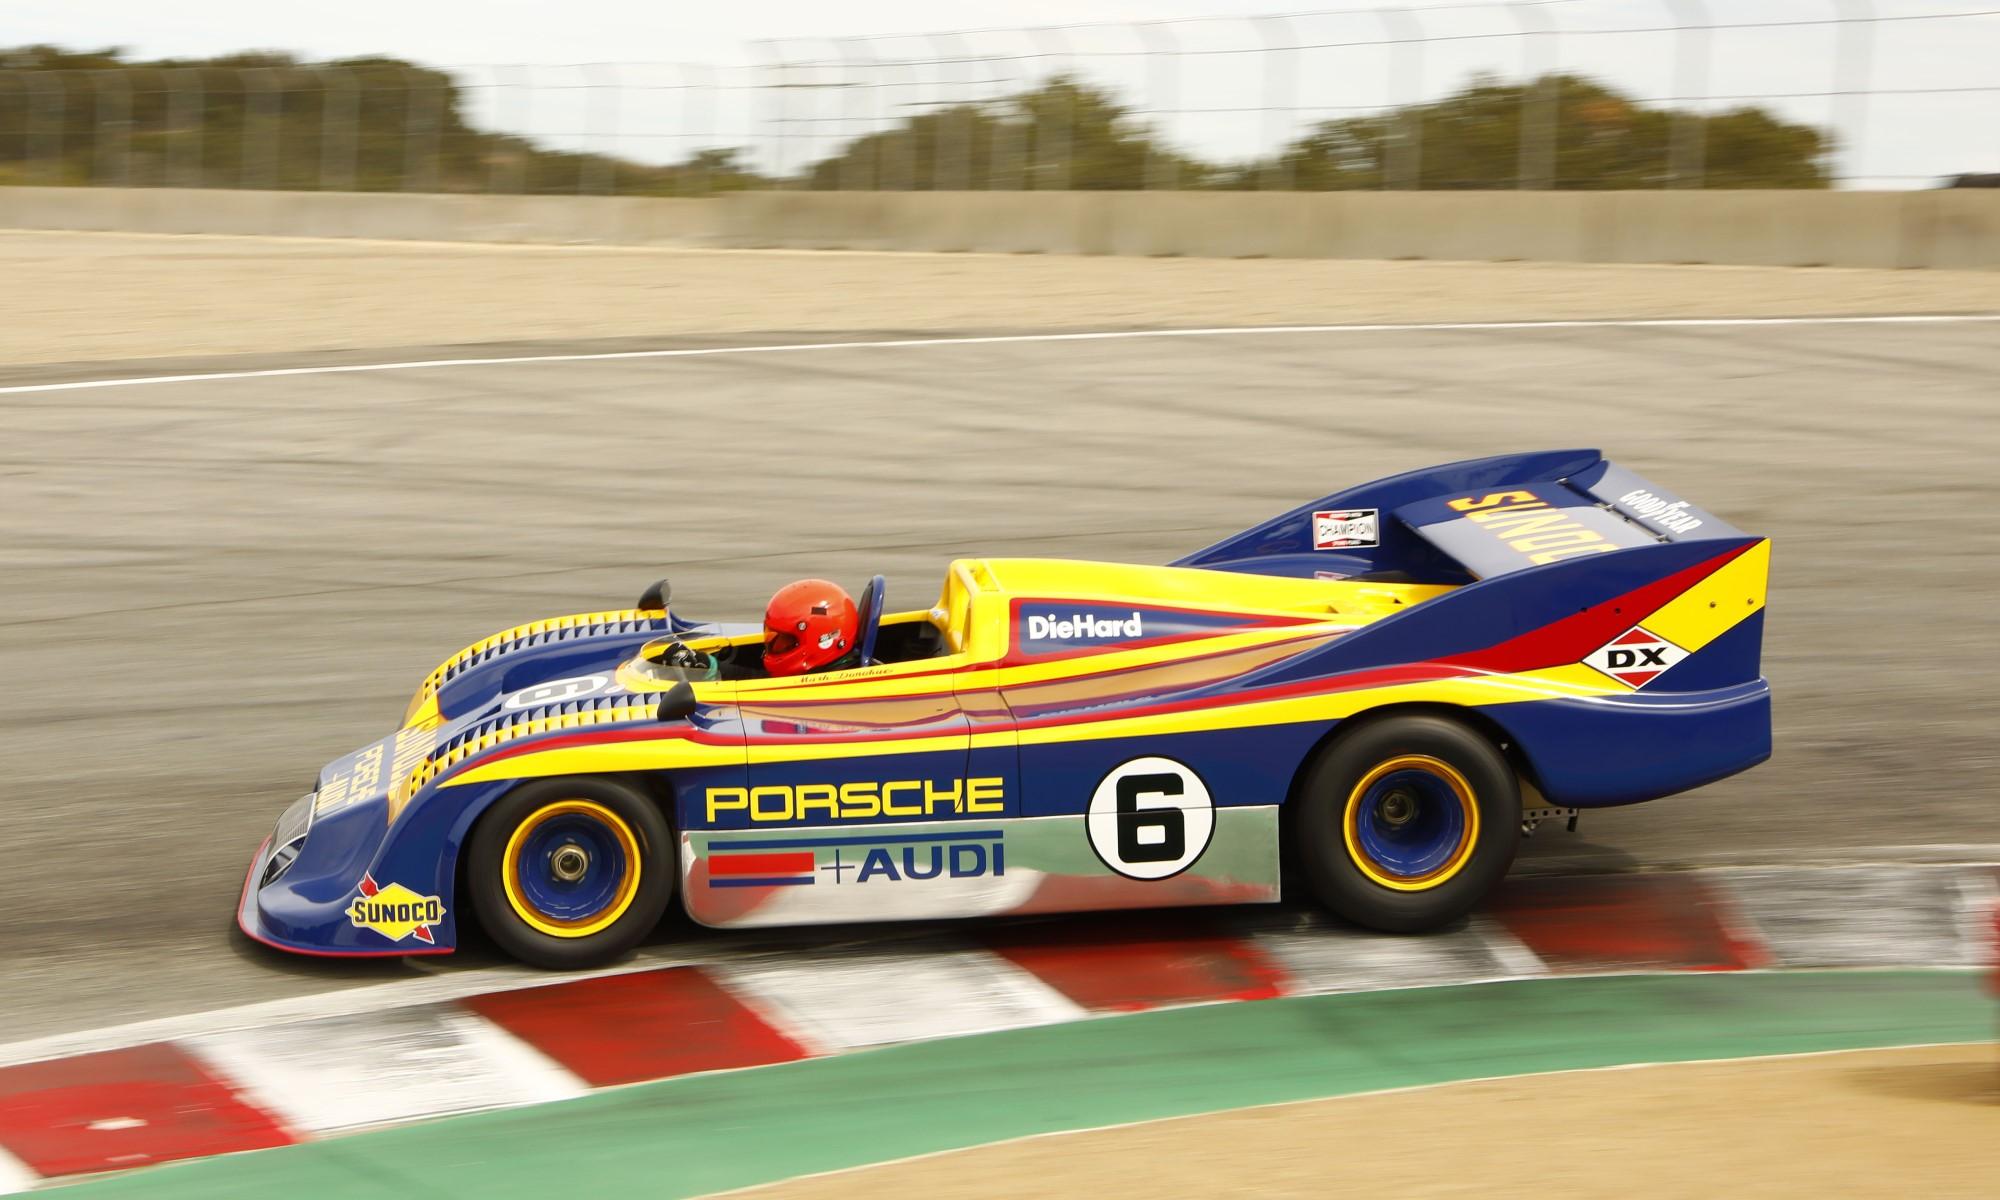 Porsche Returns to Le Mans CanAm